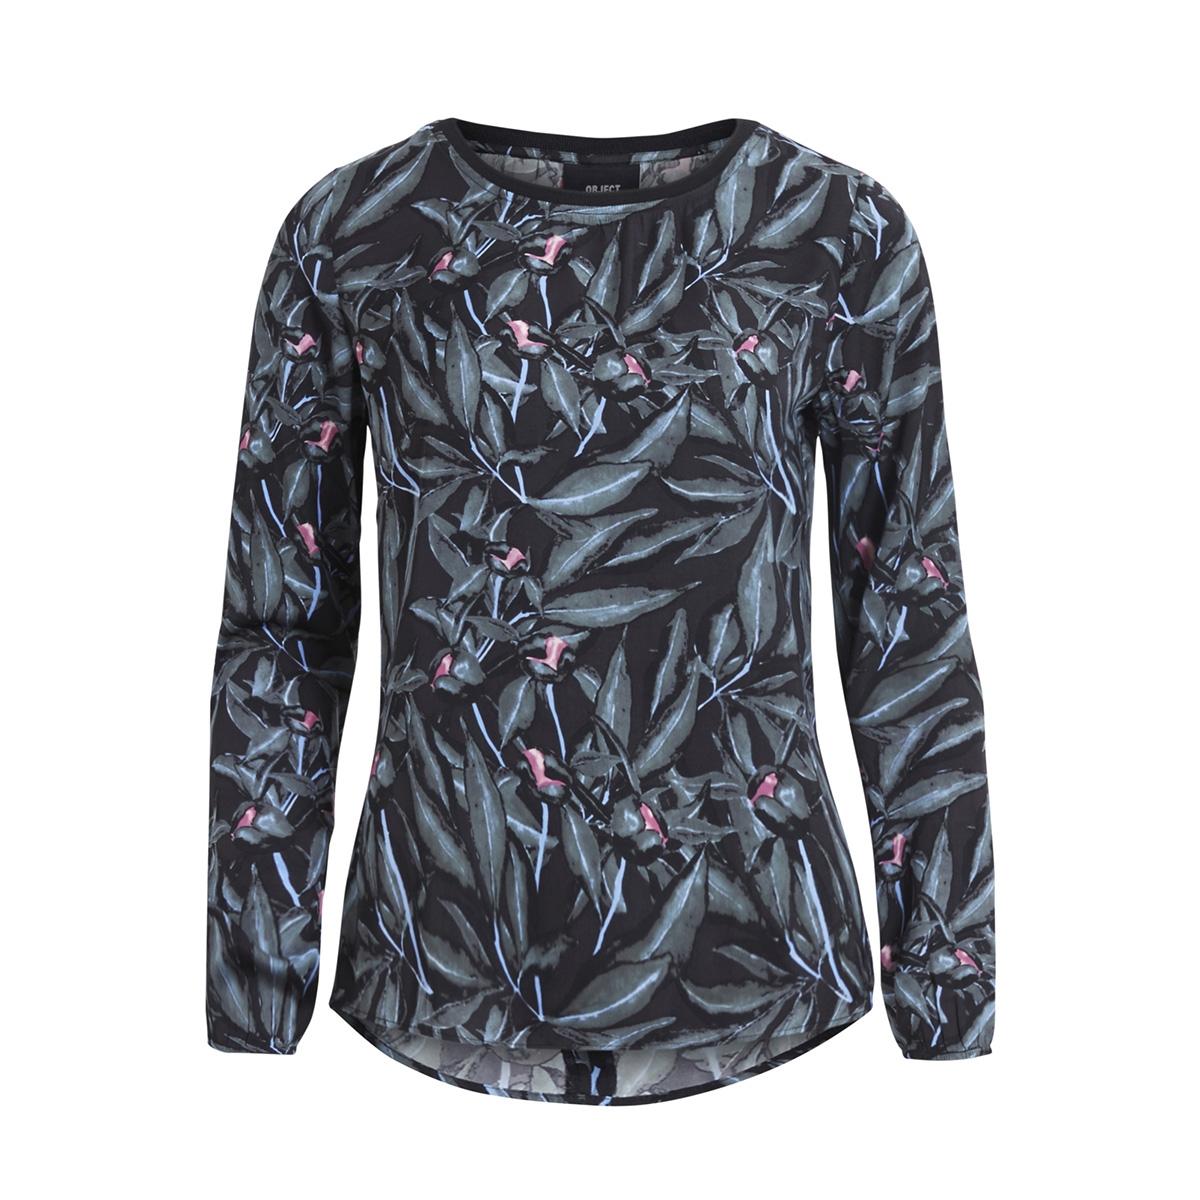 objhaley l/s top pb3 23025815 object blouse black/aop stripe